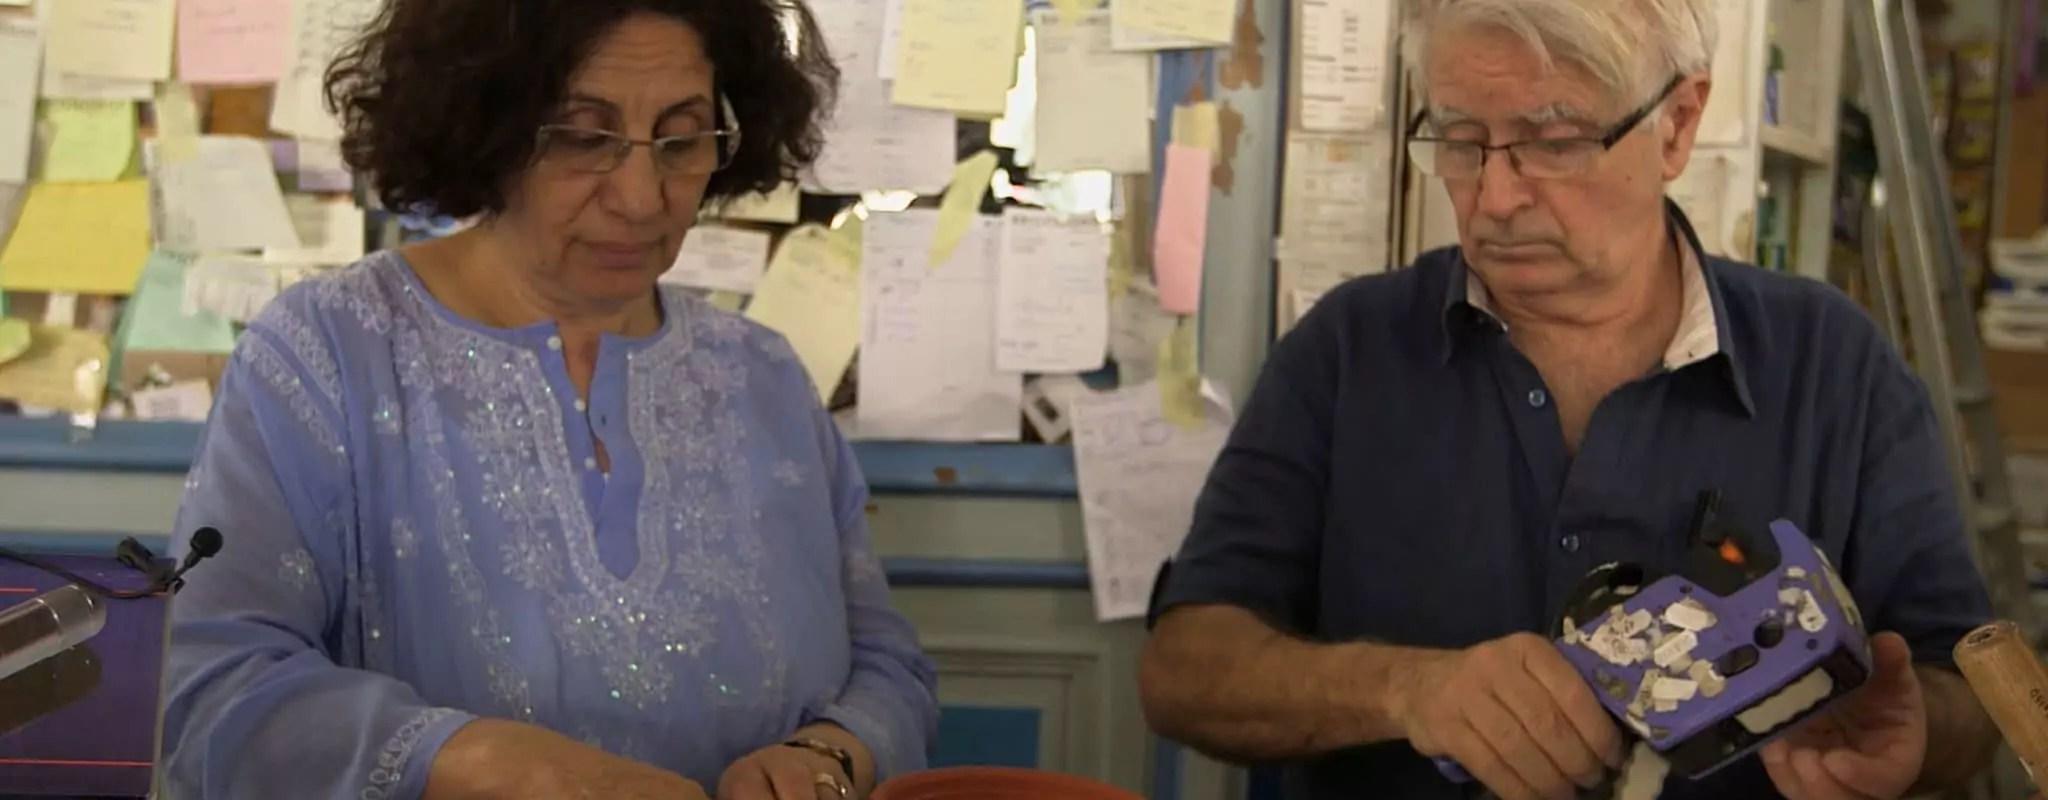 Ciné-club jeudi: «68, mon père et les clous» sur le commerce de proximité